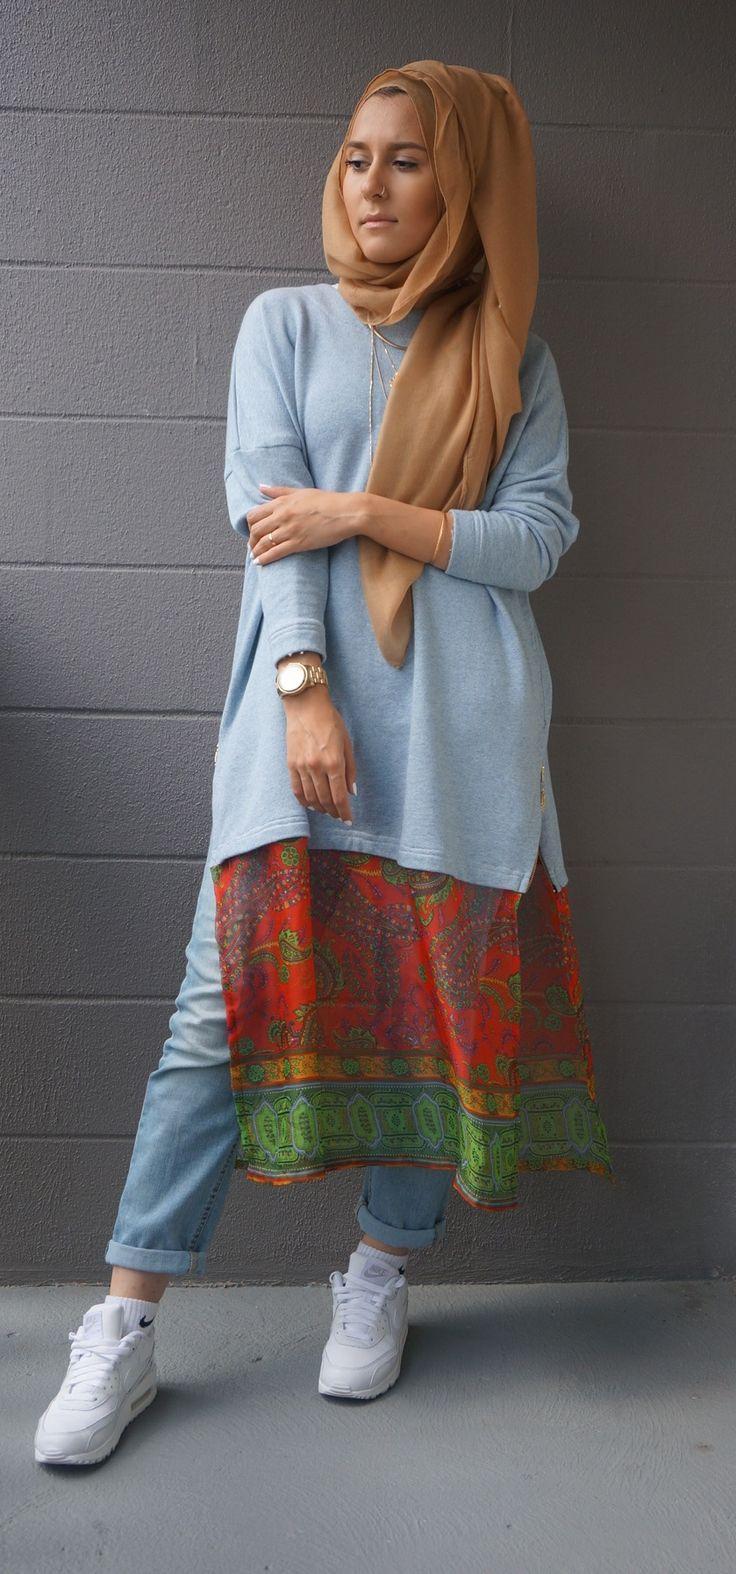 Dina tokio ♥ Muslimah mipster fashion & hijab style